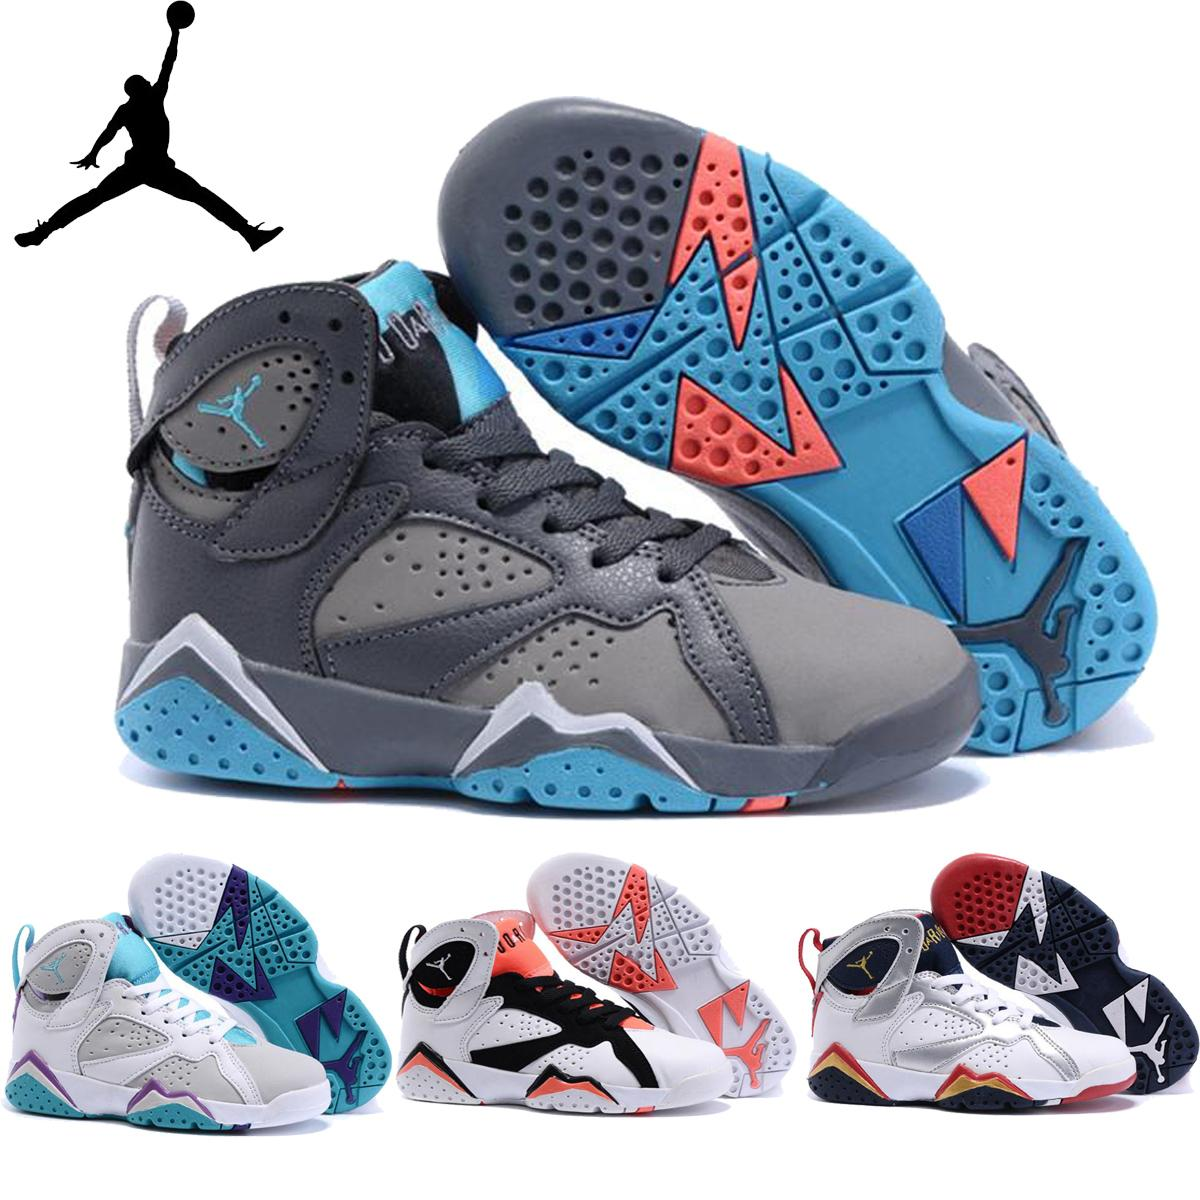 Nike Air Original Jordan Vii Childrens Zapatos Original Air Basketball Zapatos Niño 82a0ad